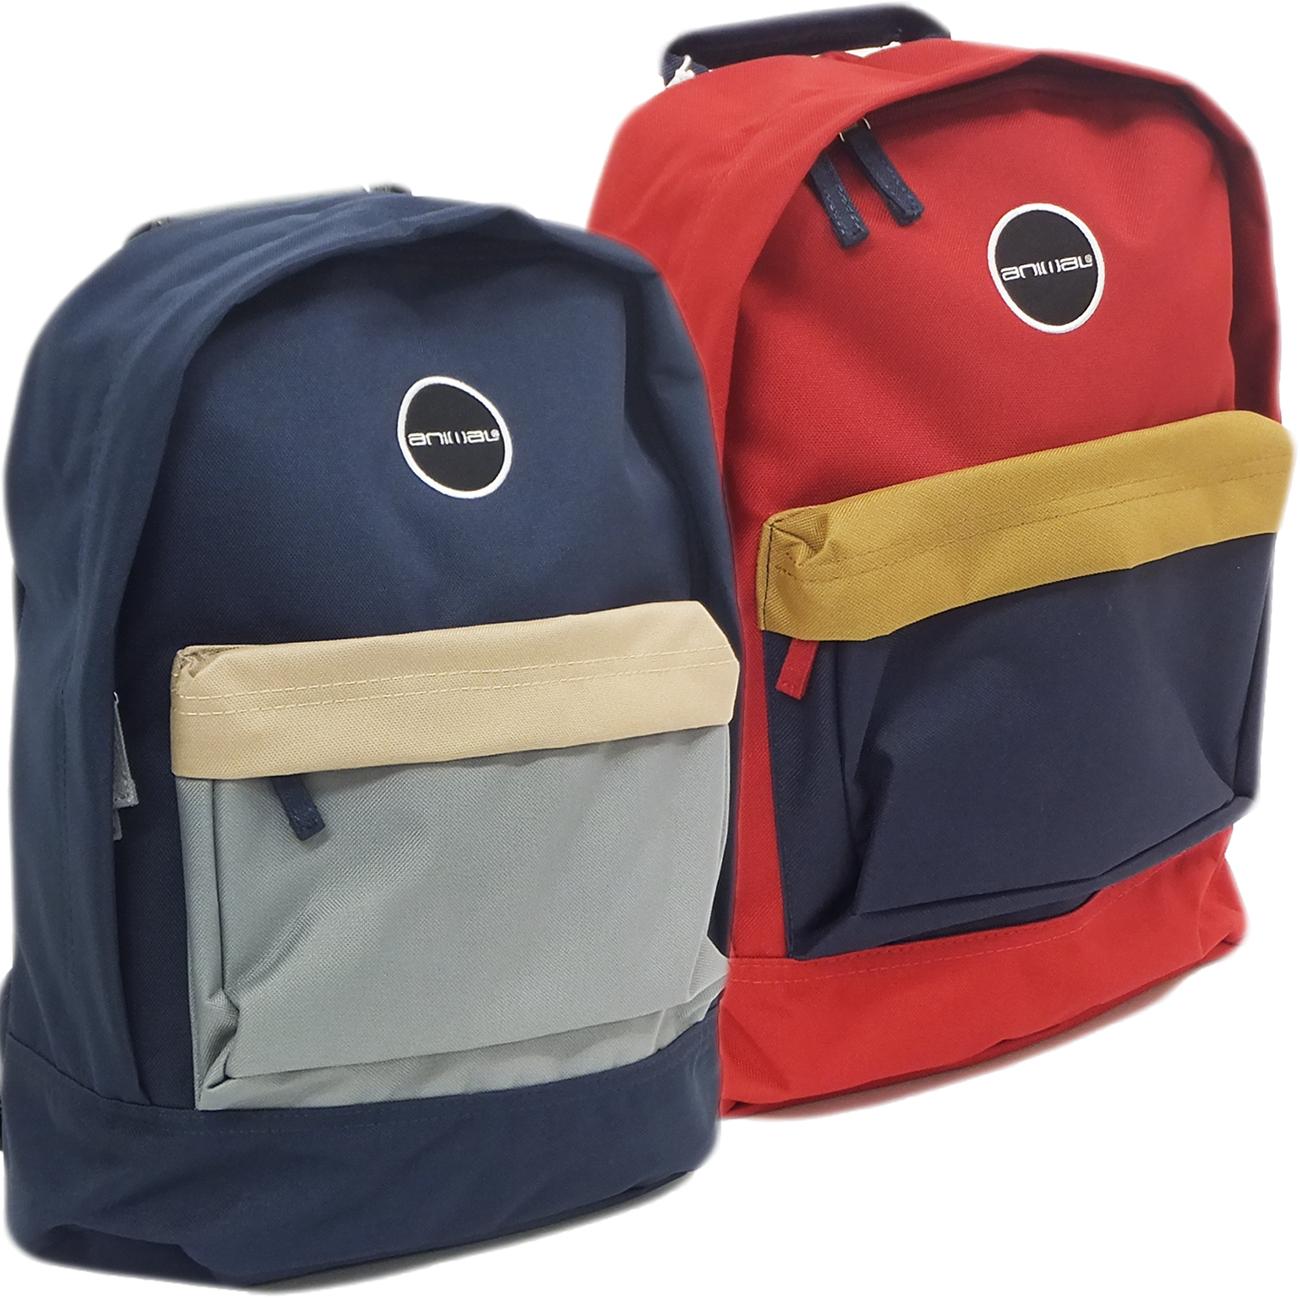 Animal Rucksack Bag